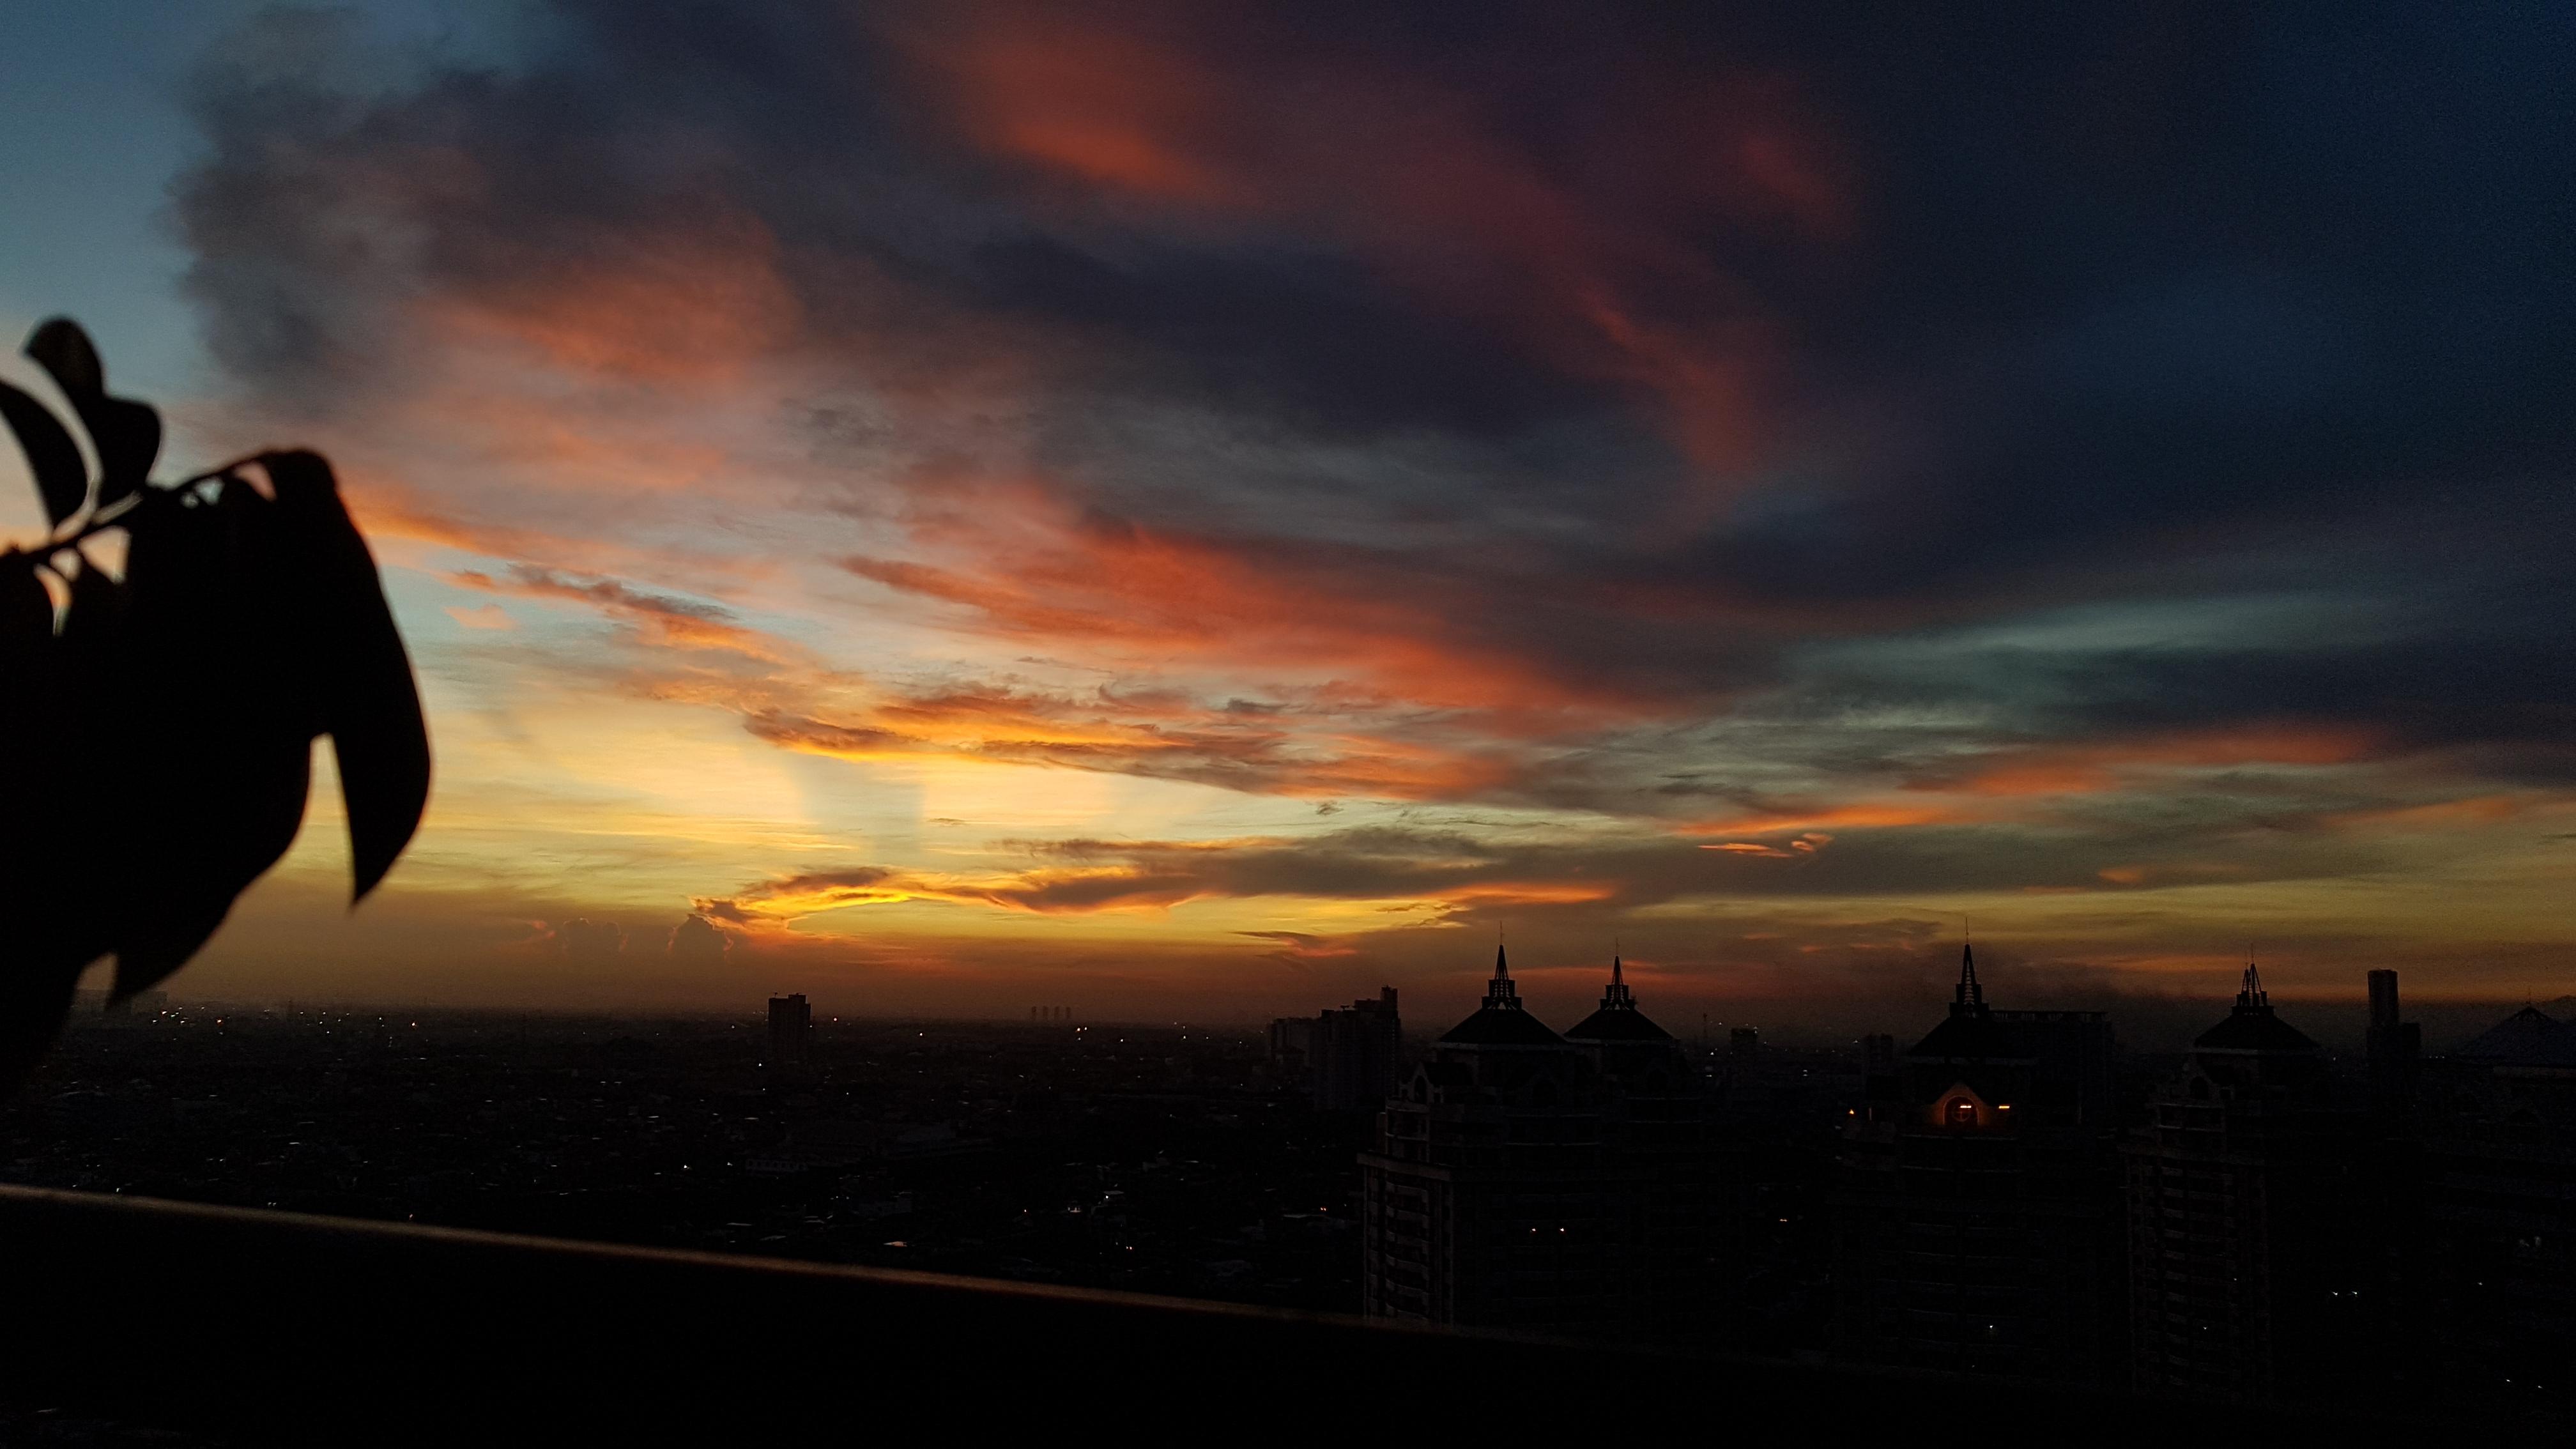 자카르타 PSBB기간 동쪽하늘에 펼쳐지는 일출 전경.